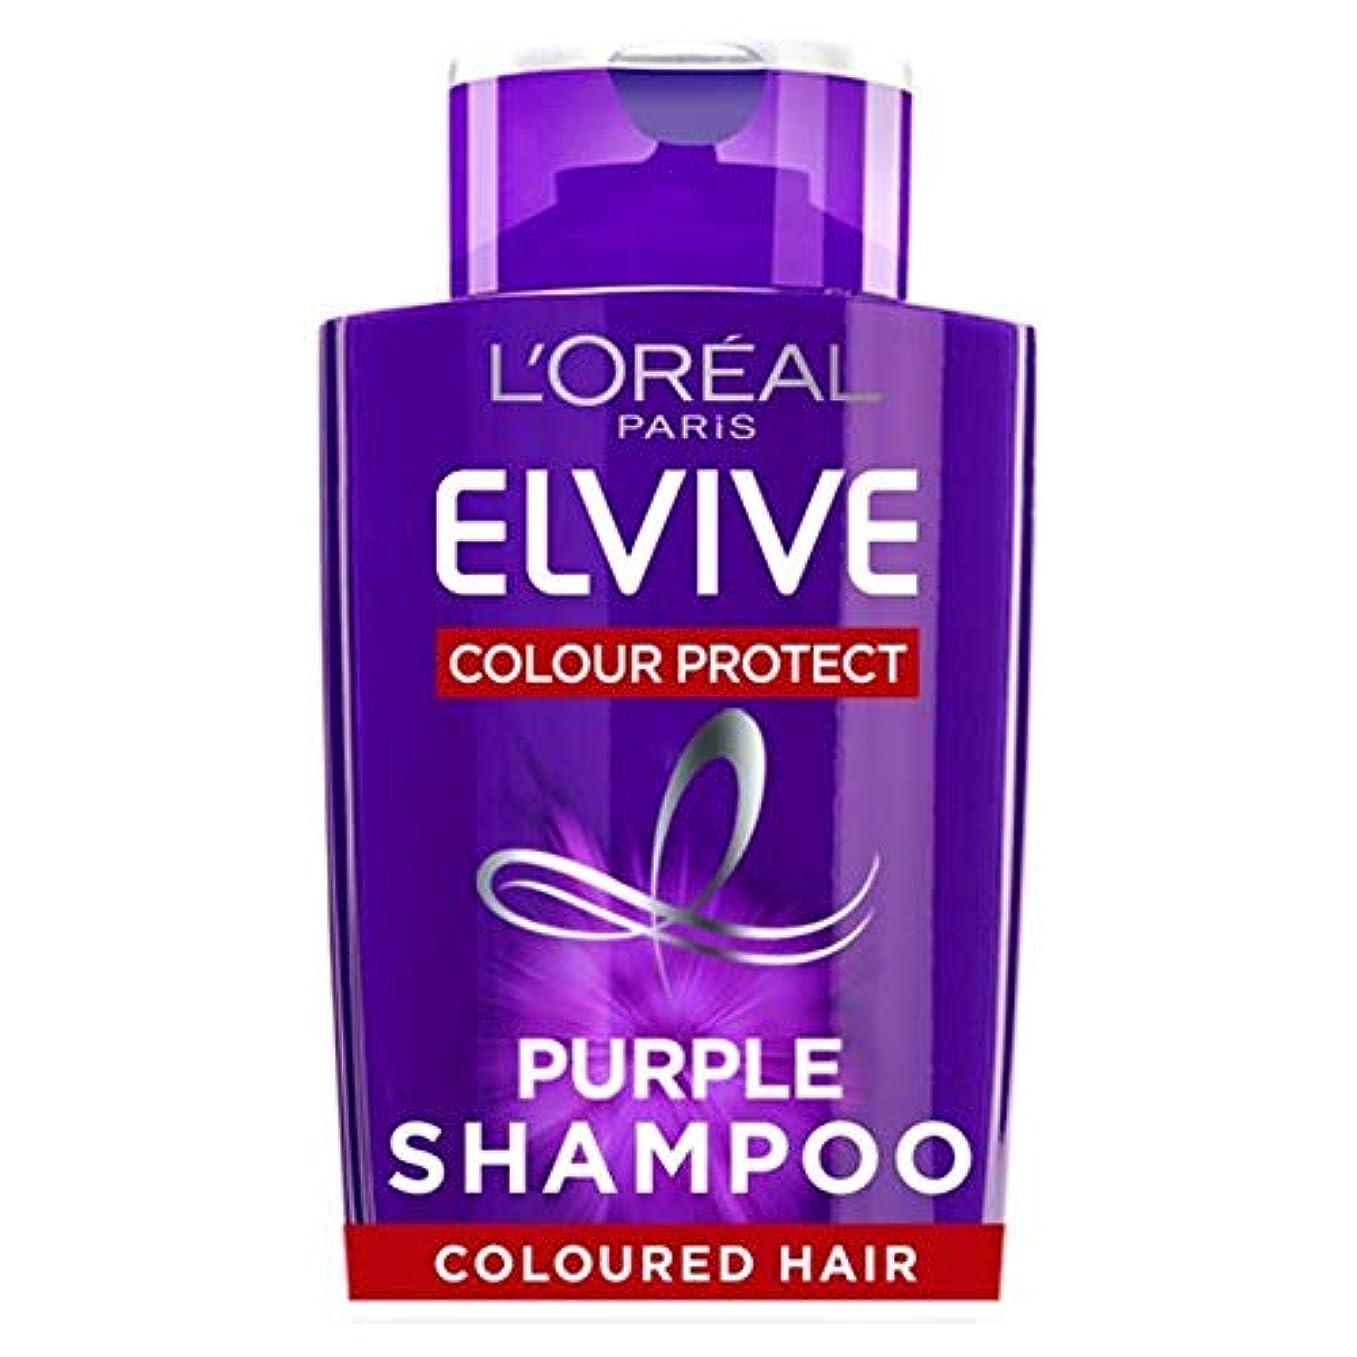 首相純粋な毛細血管[Elvive] ロレアルElvive色は紫色のシャンプー200ミリリットルを保護します - L'oreal Elvive Colour Protect Purple Shampoo 200Ml [並行輸入品]